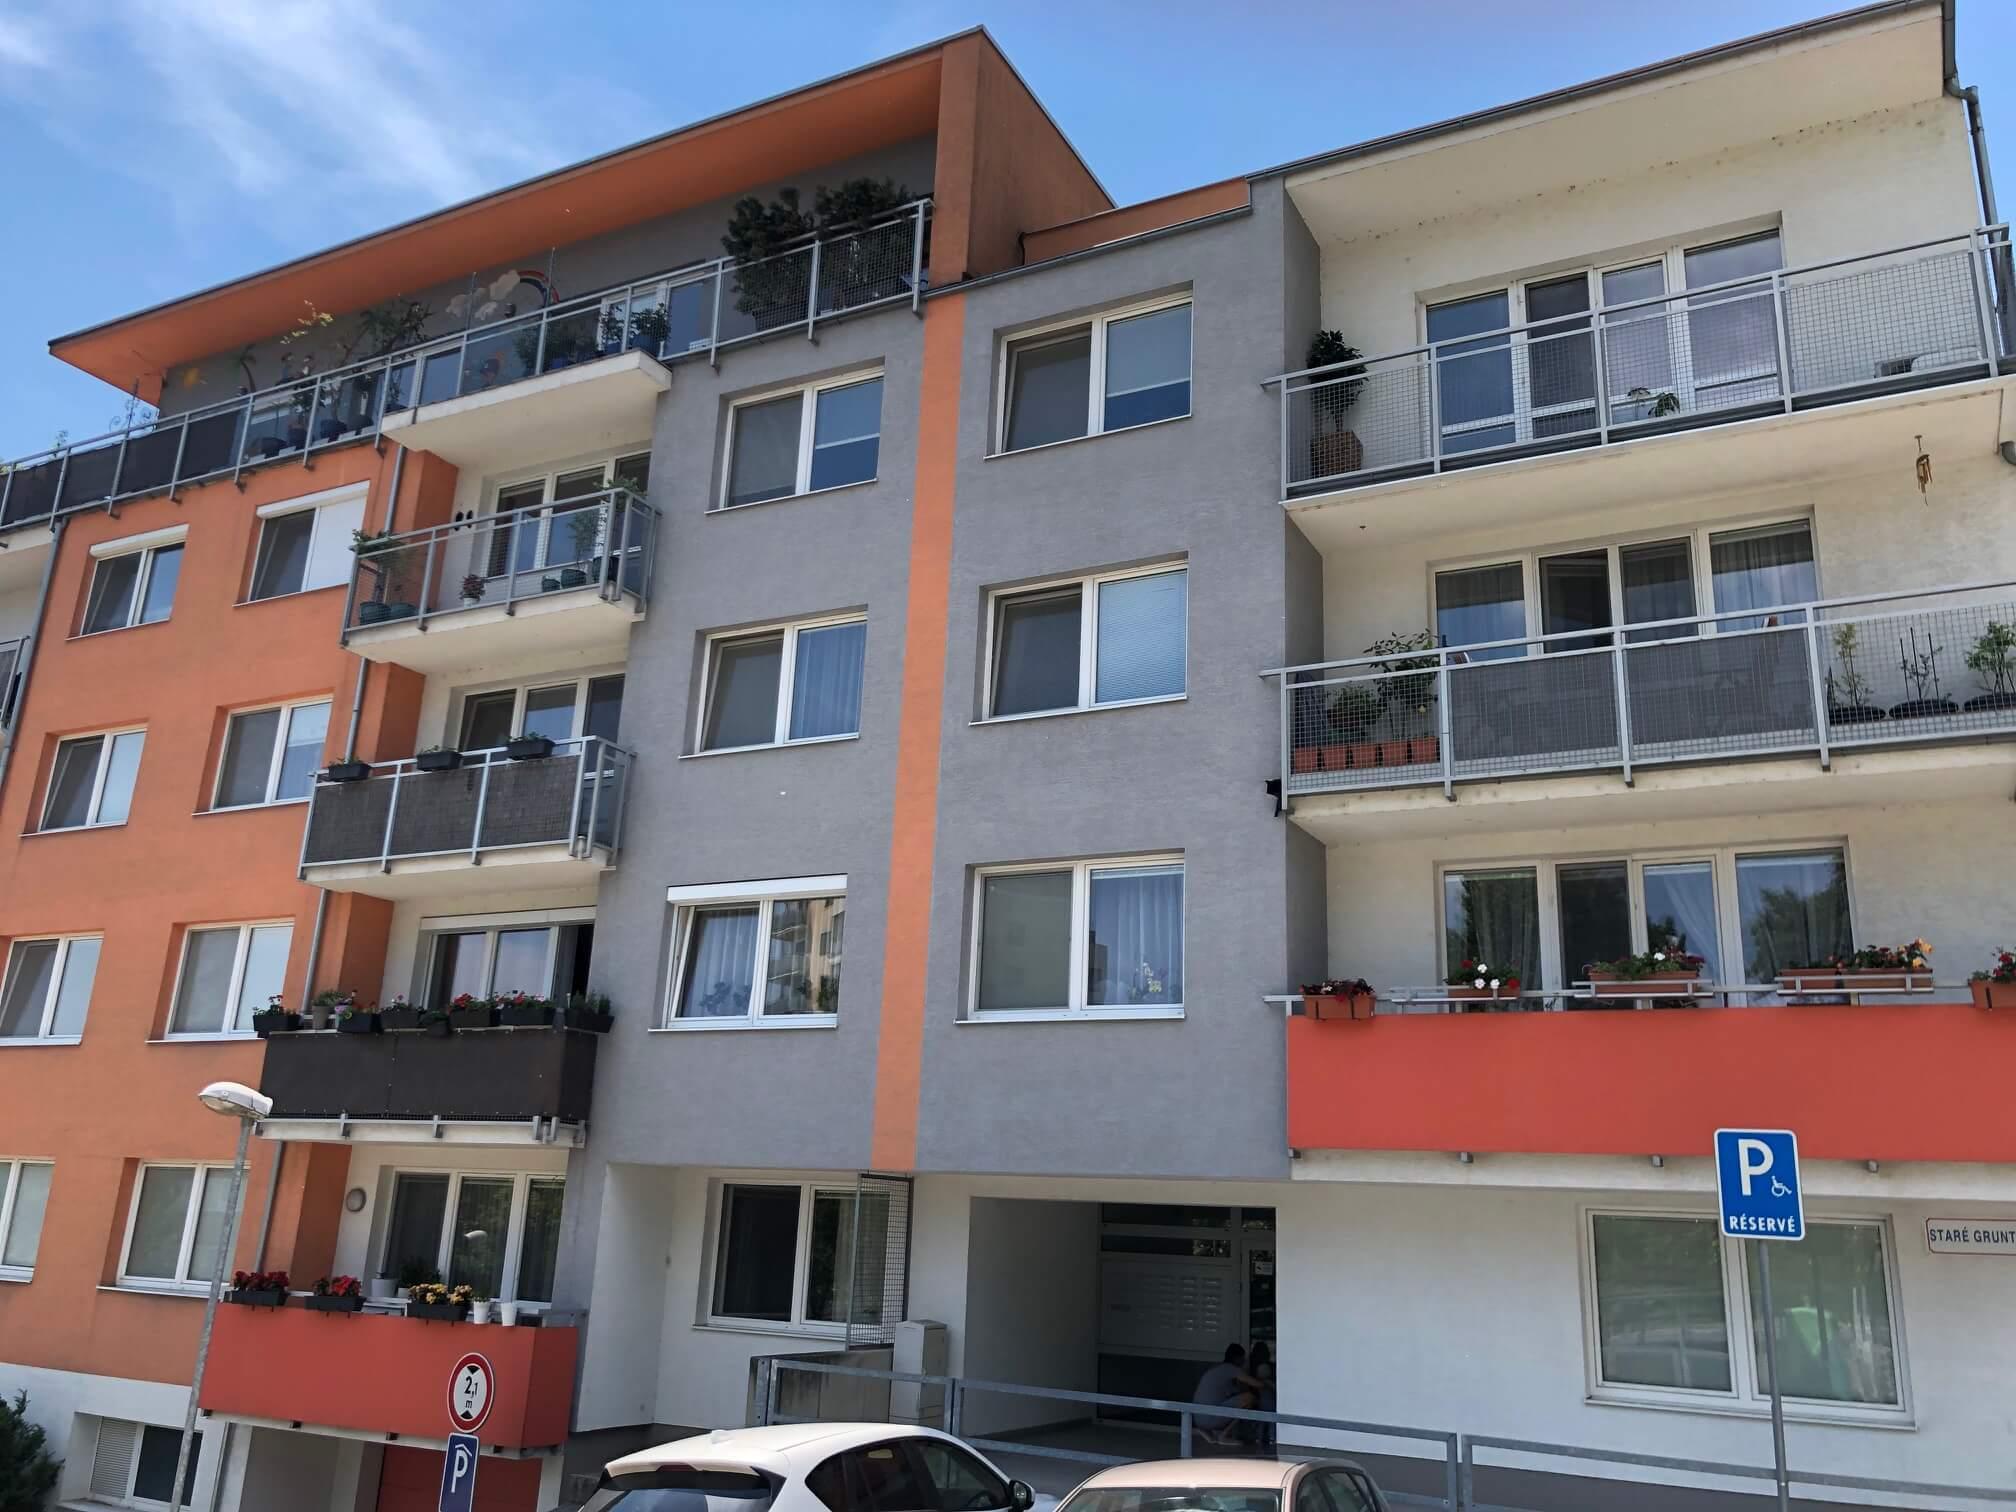 Predané: 3 izbový byt, novostavba, 72,25m2, loggia 4,82m2, Staré Grunty, Karlovka, garážové státie-71